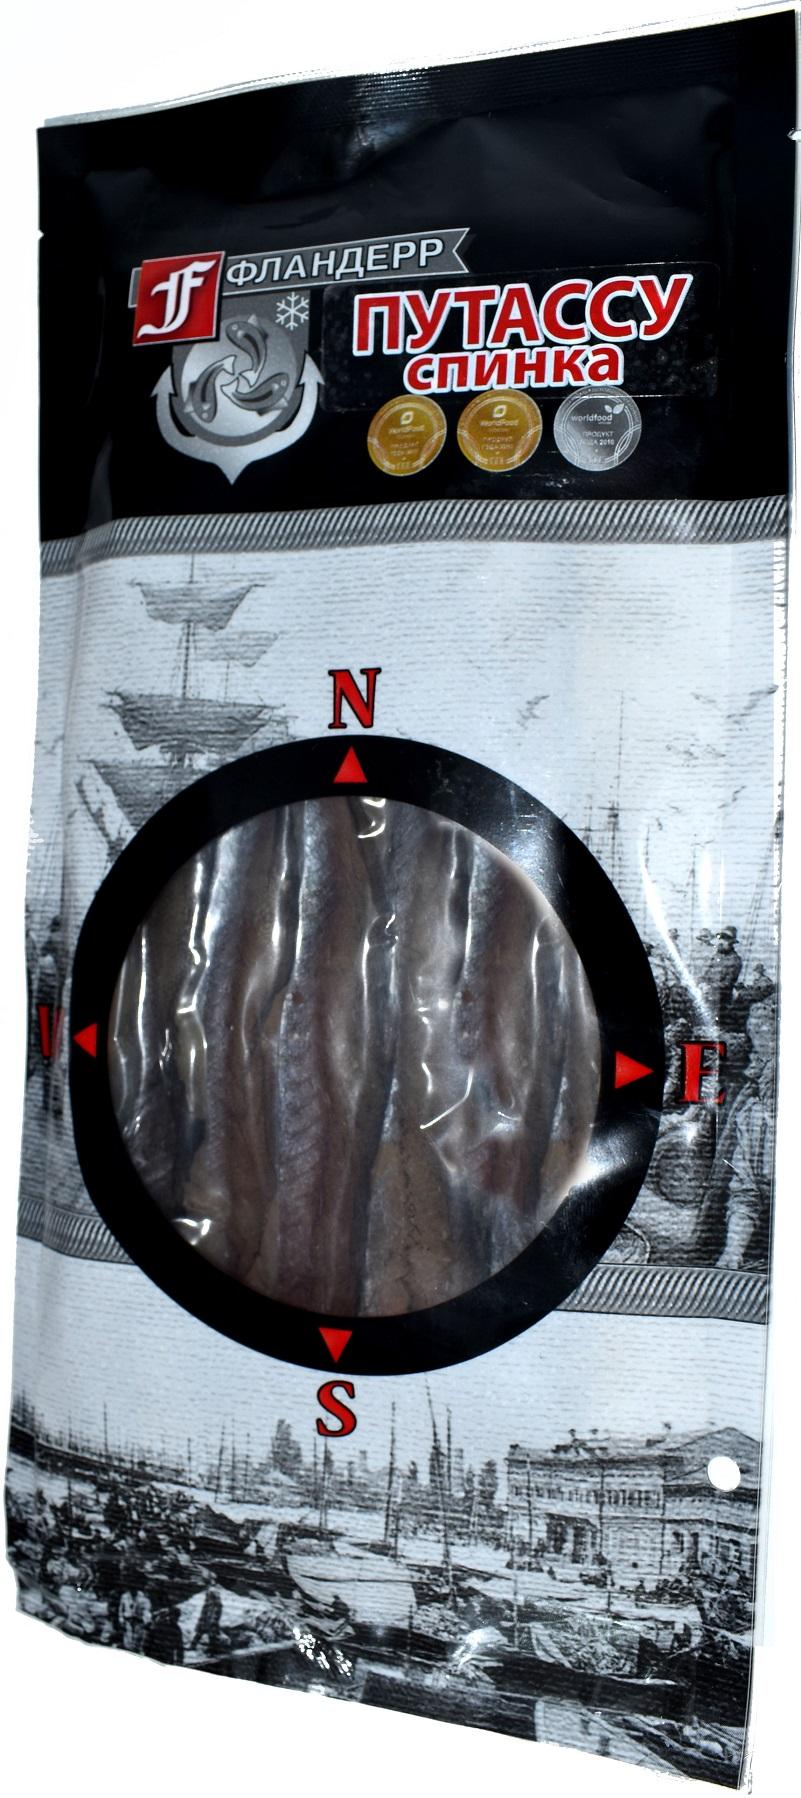 Путассу спинки вяленые 150 г п/п Image